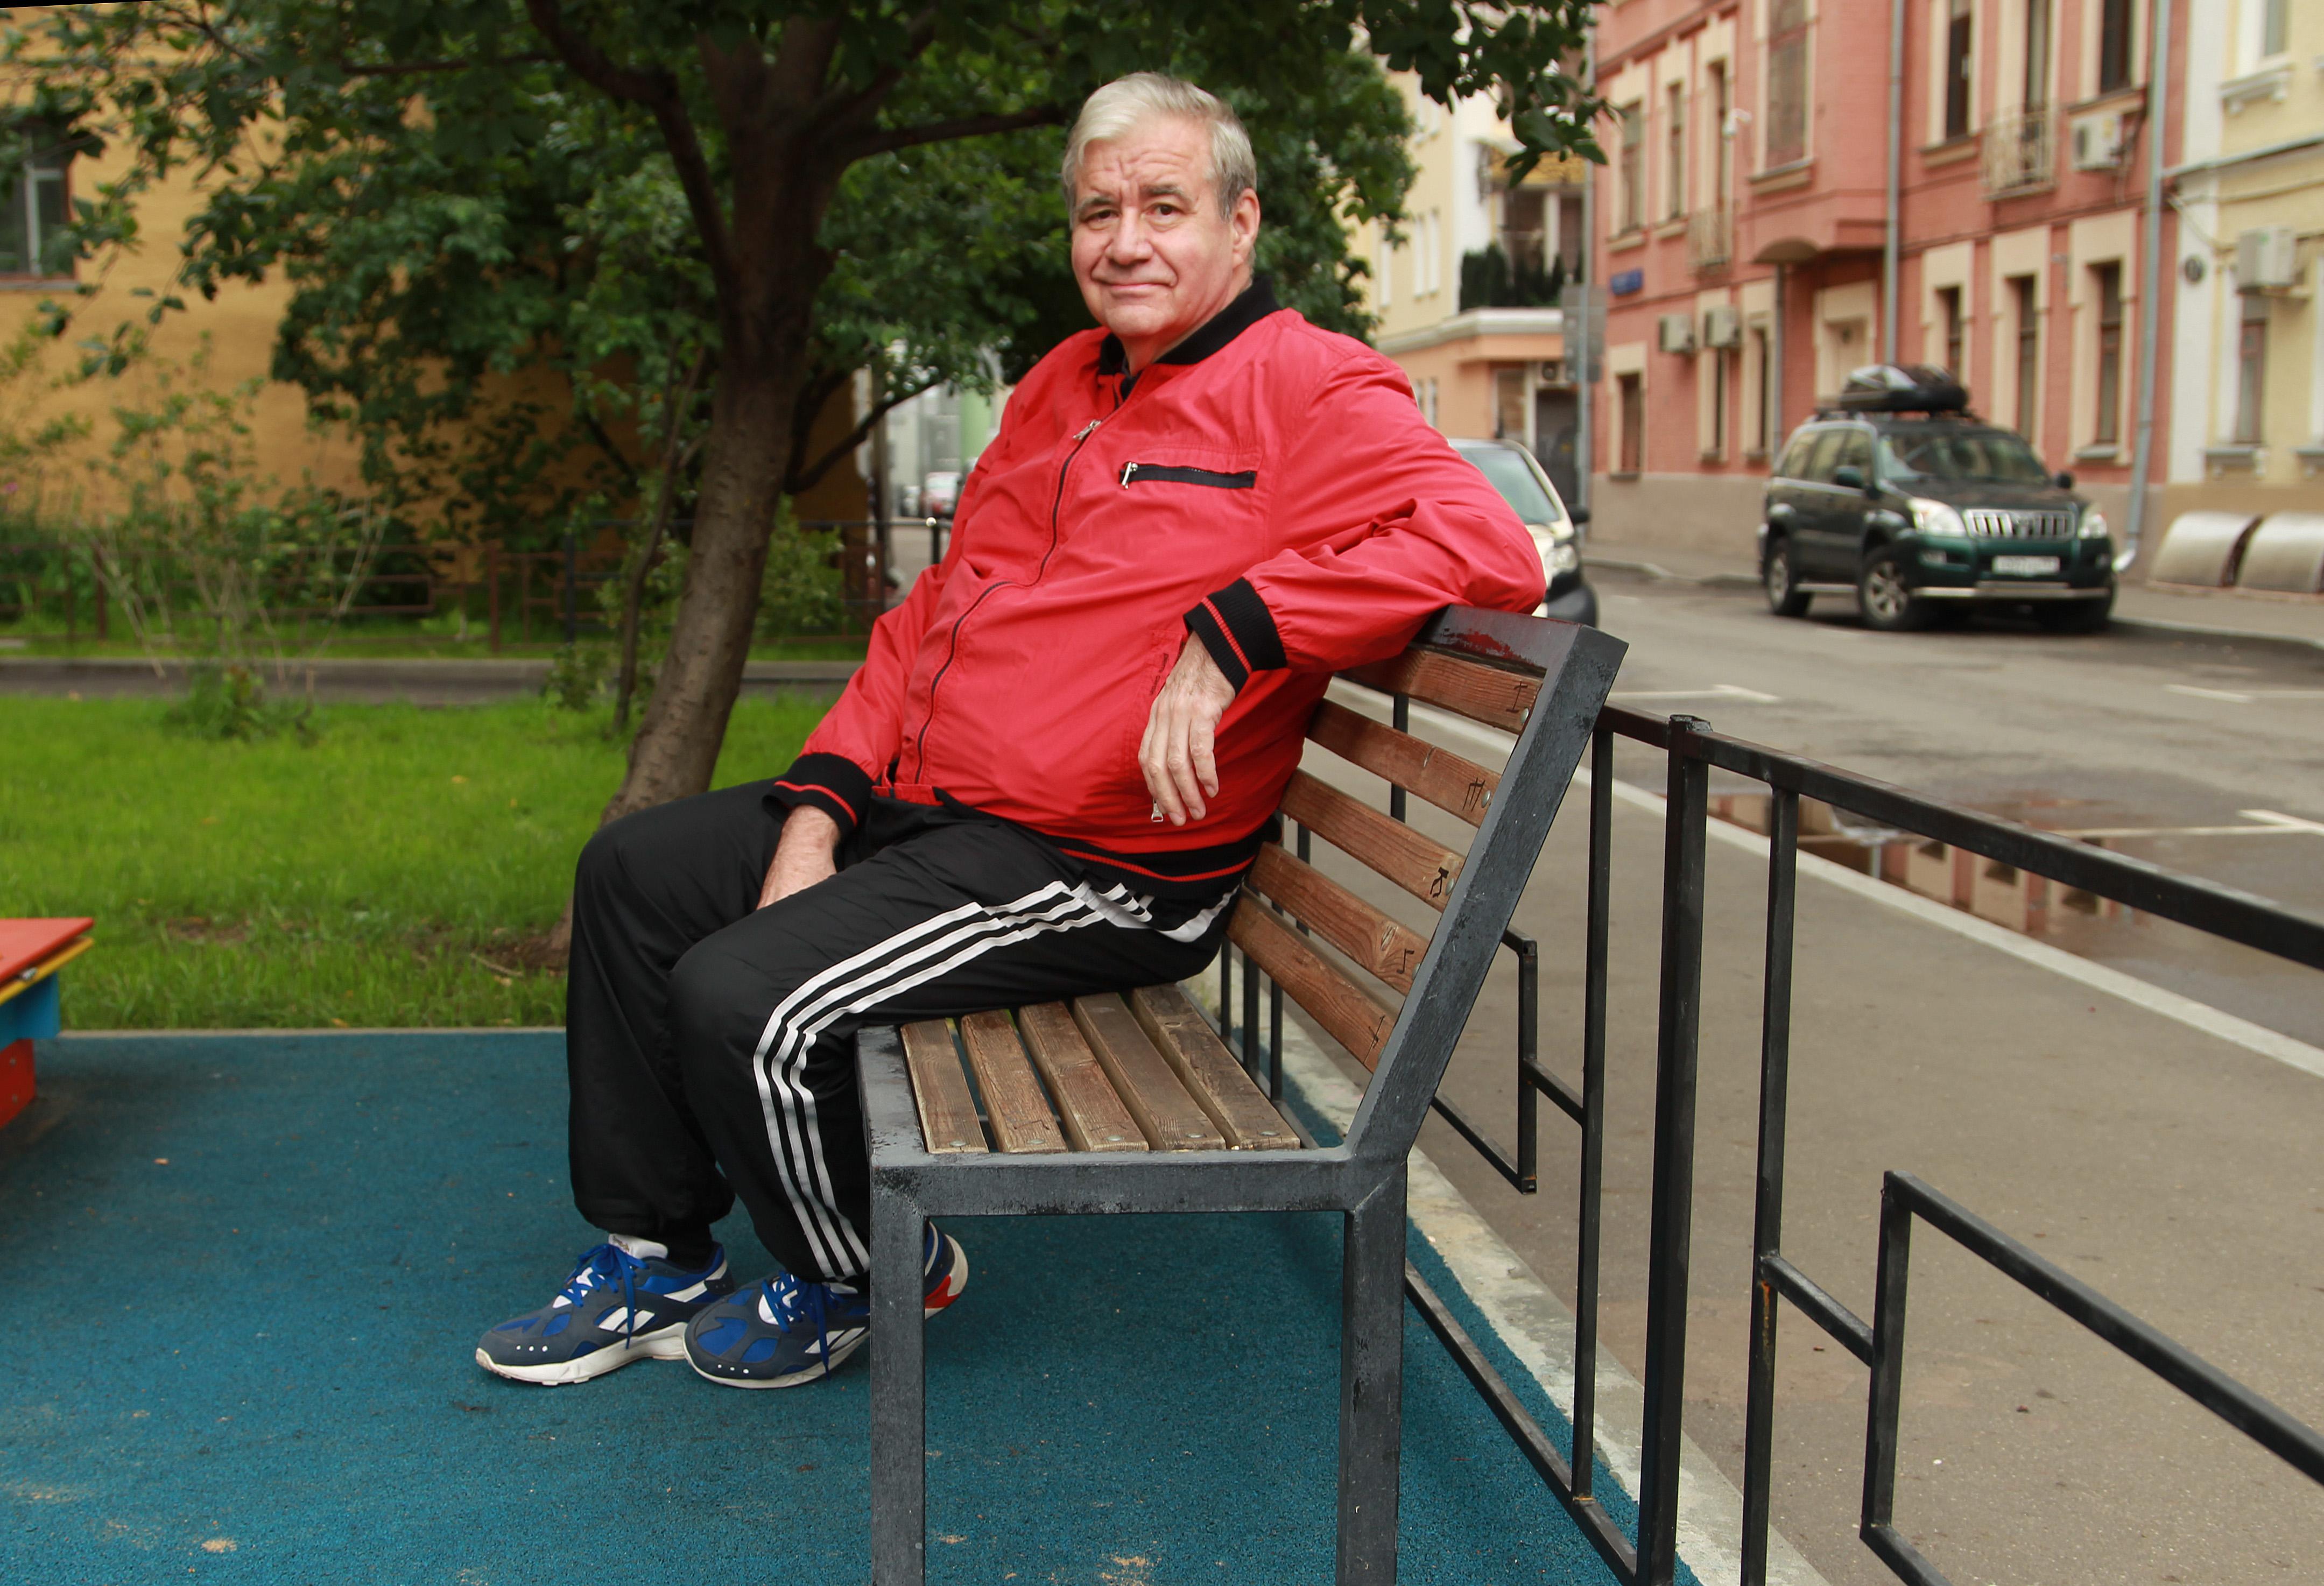 25 июля 2019 года. Житель Мещанского района Отар Логунов рассказал об установке ограждения на детской площадке. Фото: Наталия Нечаева